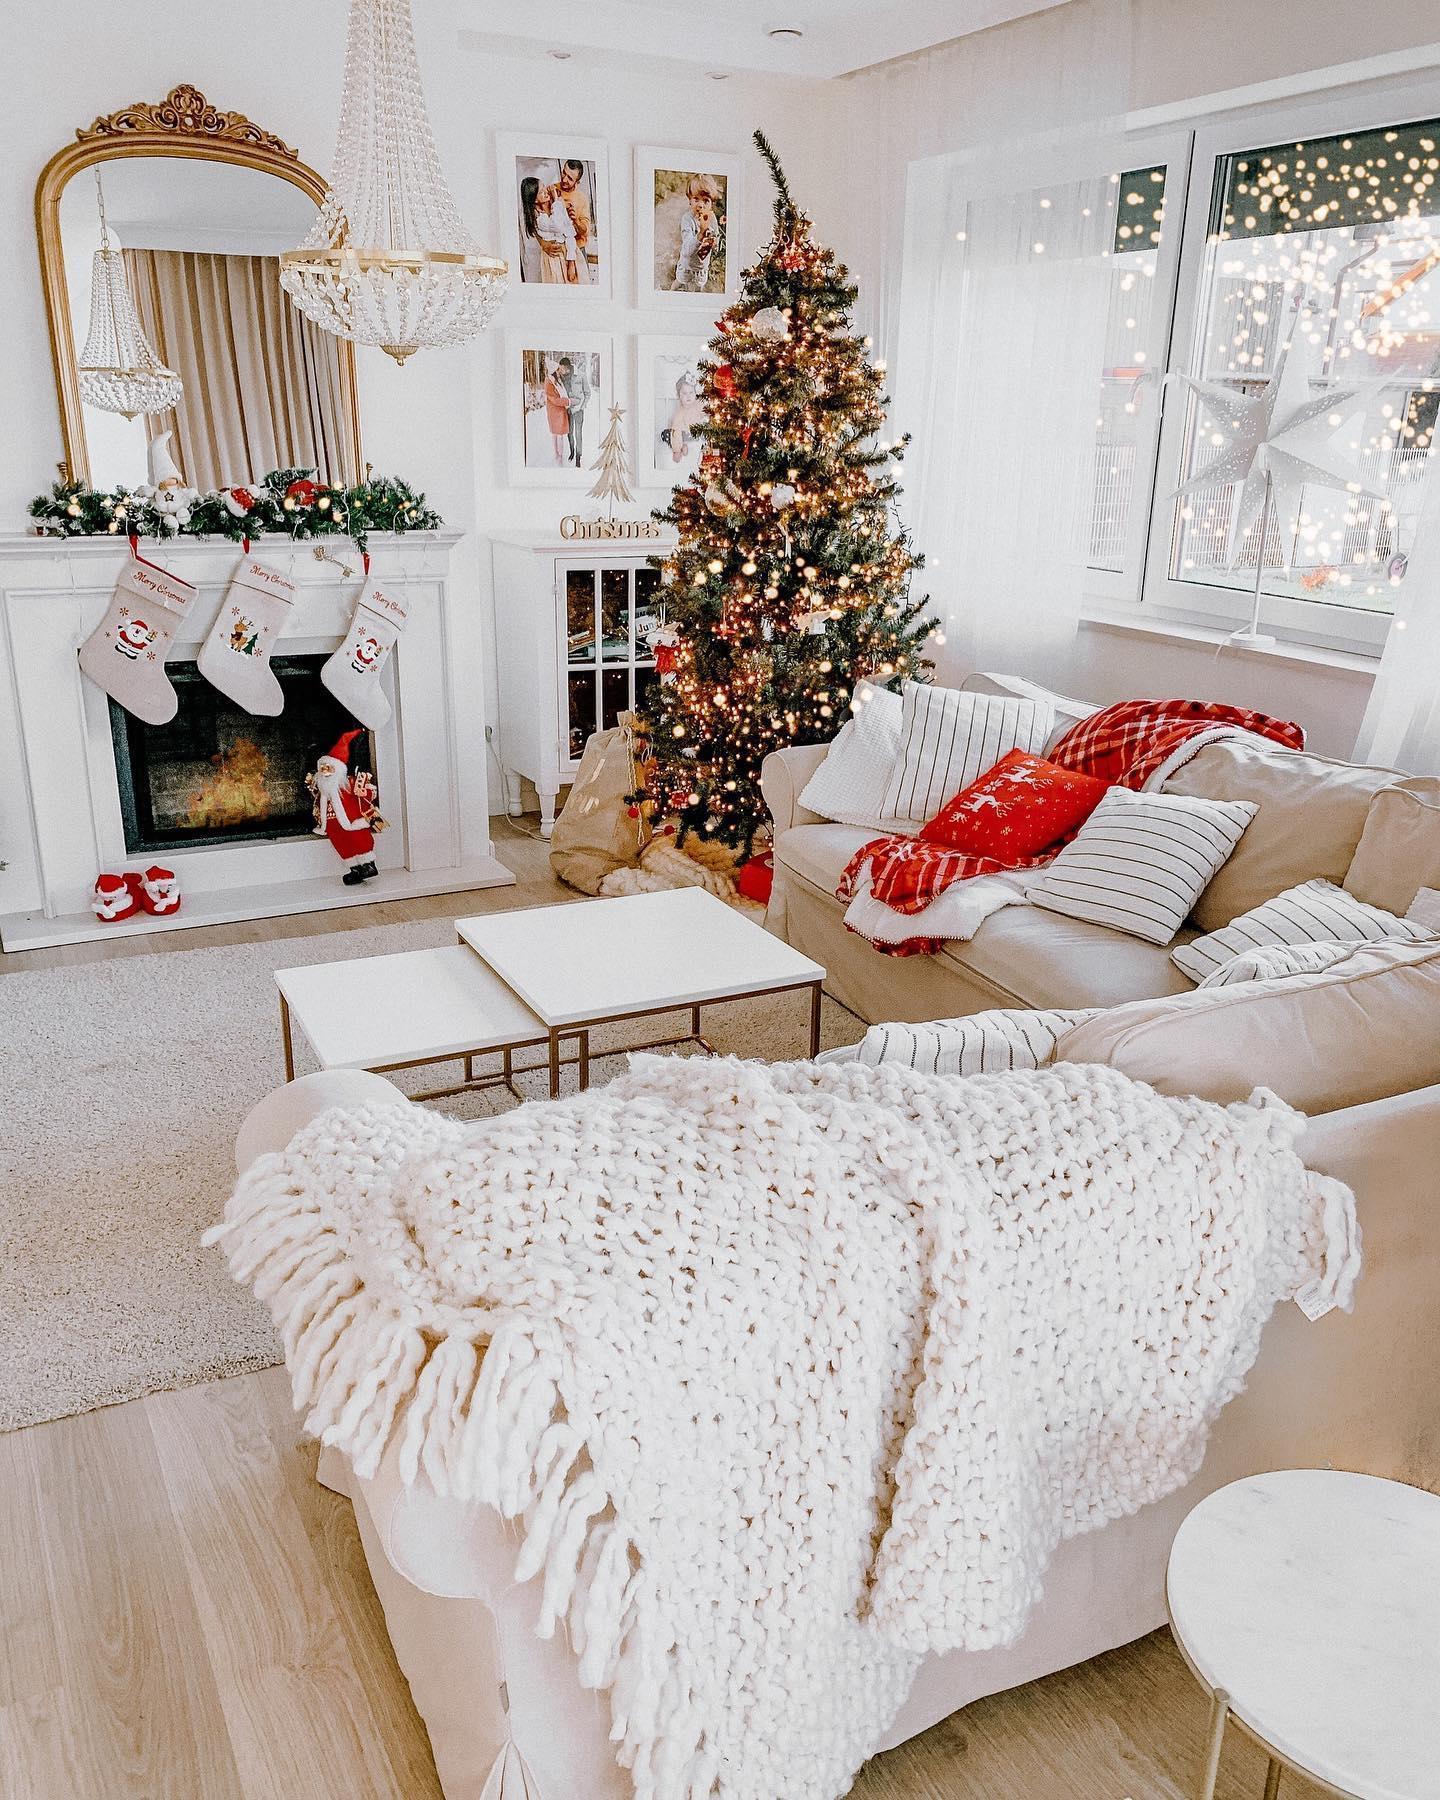 Choinka czerwono złota oprószona sztucznym śniegiem w jasnym rustykalnym salonie przy białym portalu kominkowym